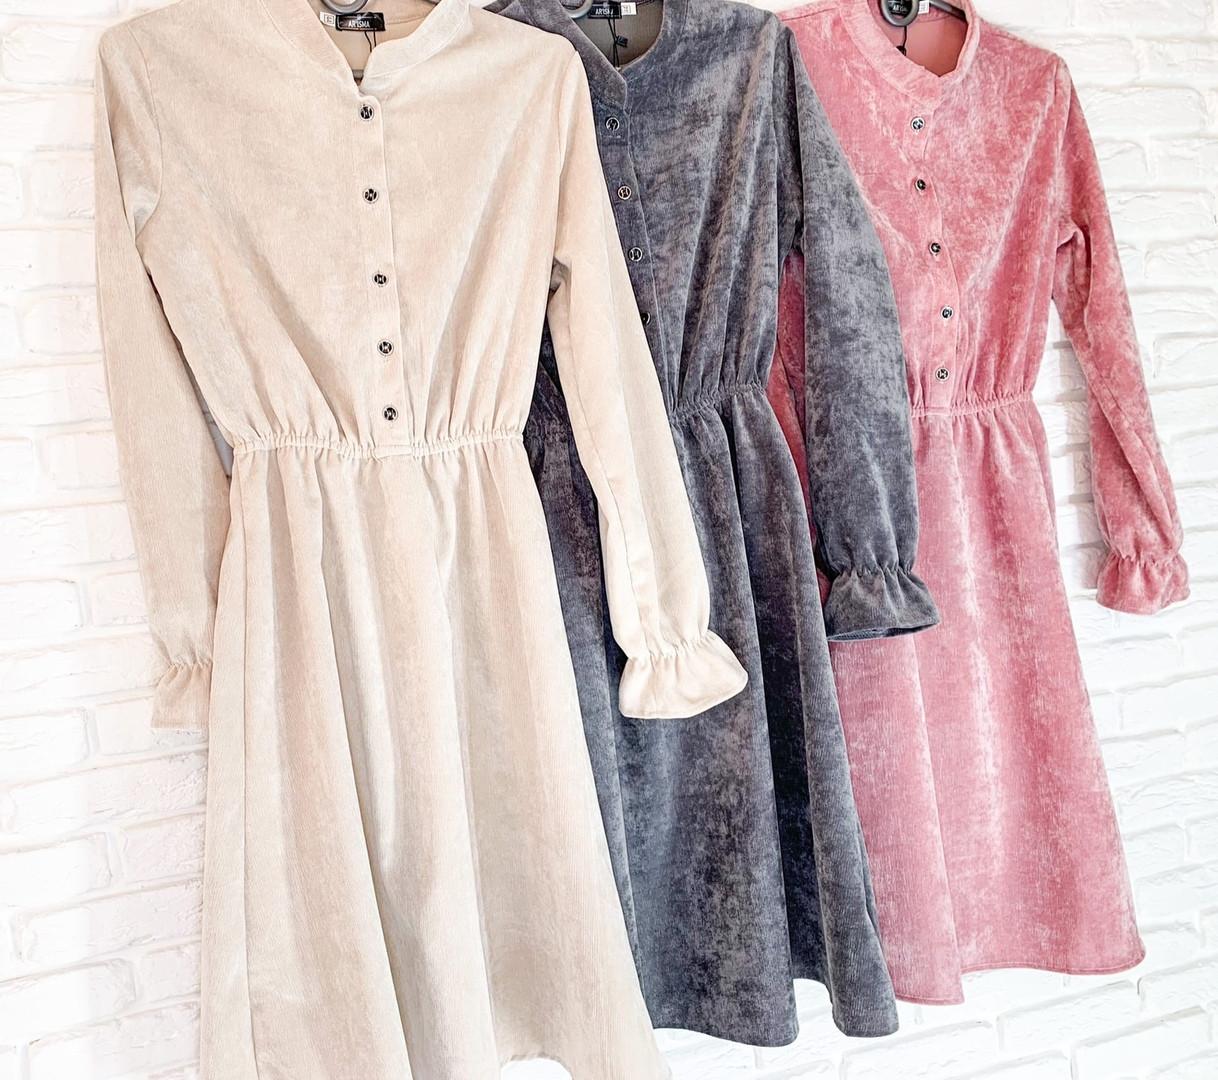 Платье женское, микровельвет,  повседневное, офисное, верх на пуговицах, длинный рукав, свободное, модное